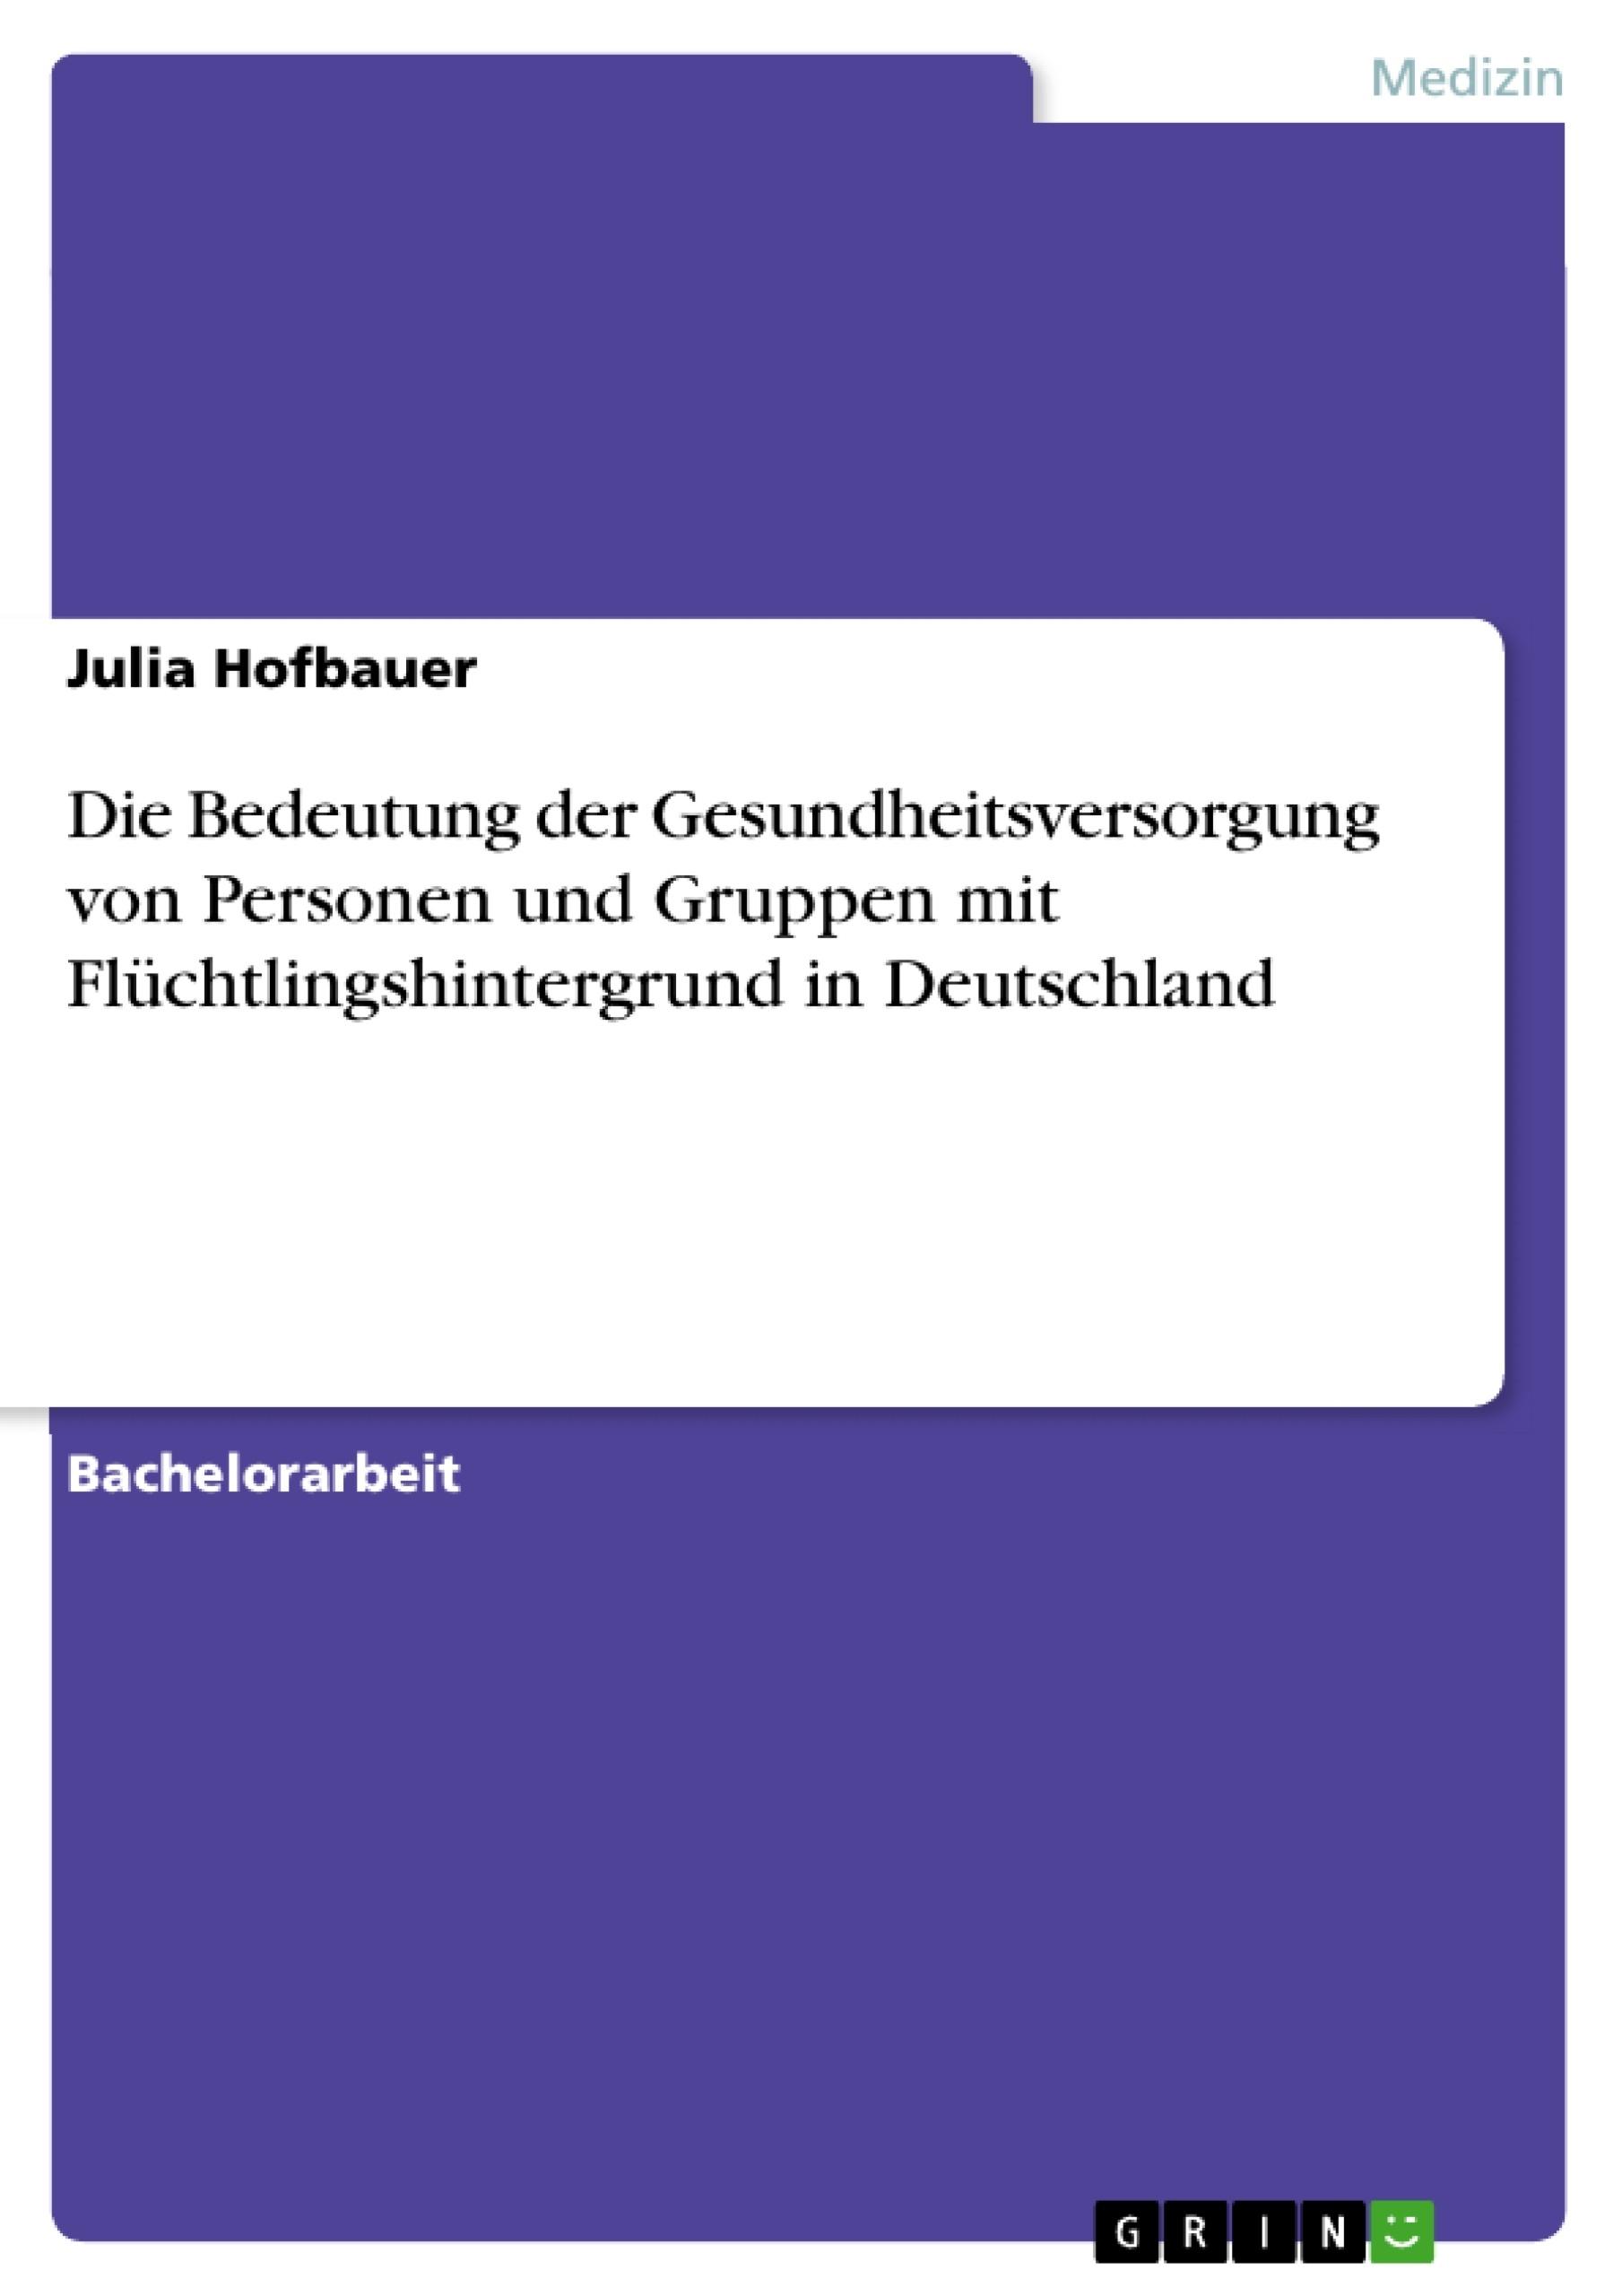 Titel: Die Bedeutung der Gesundheitsversorgung von Personen und Gruppen mit Flüchtlingshintergrund in Deutschland